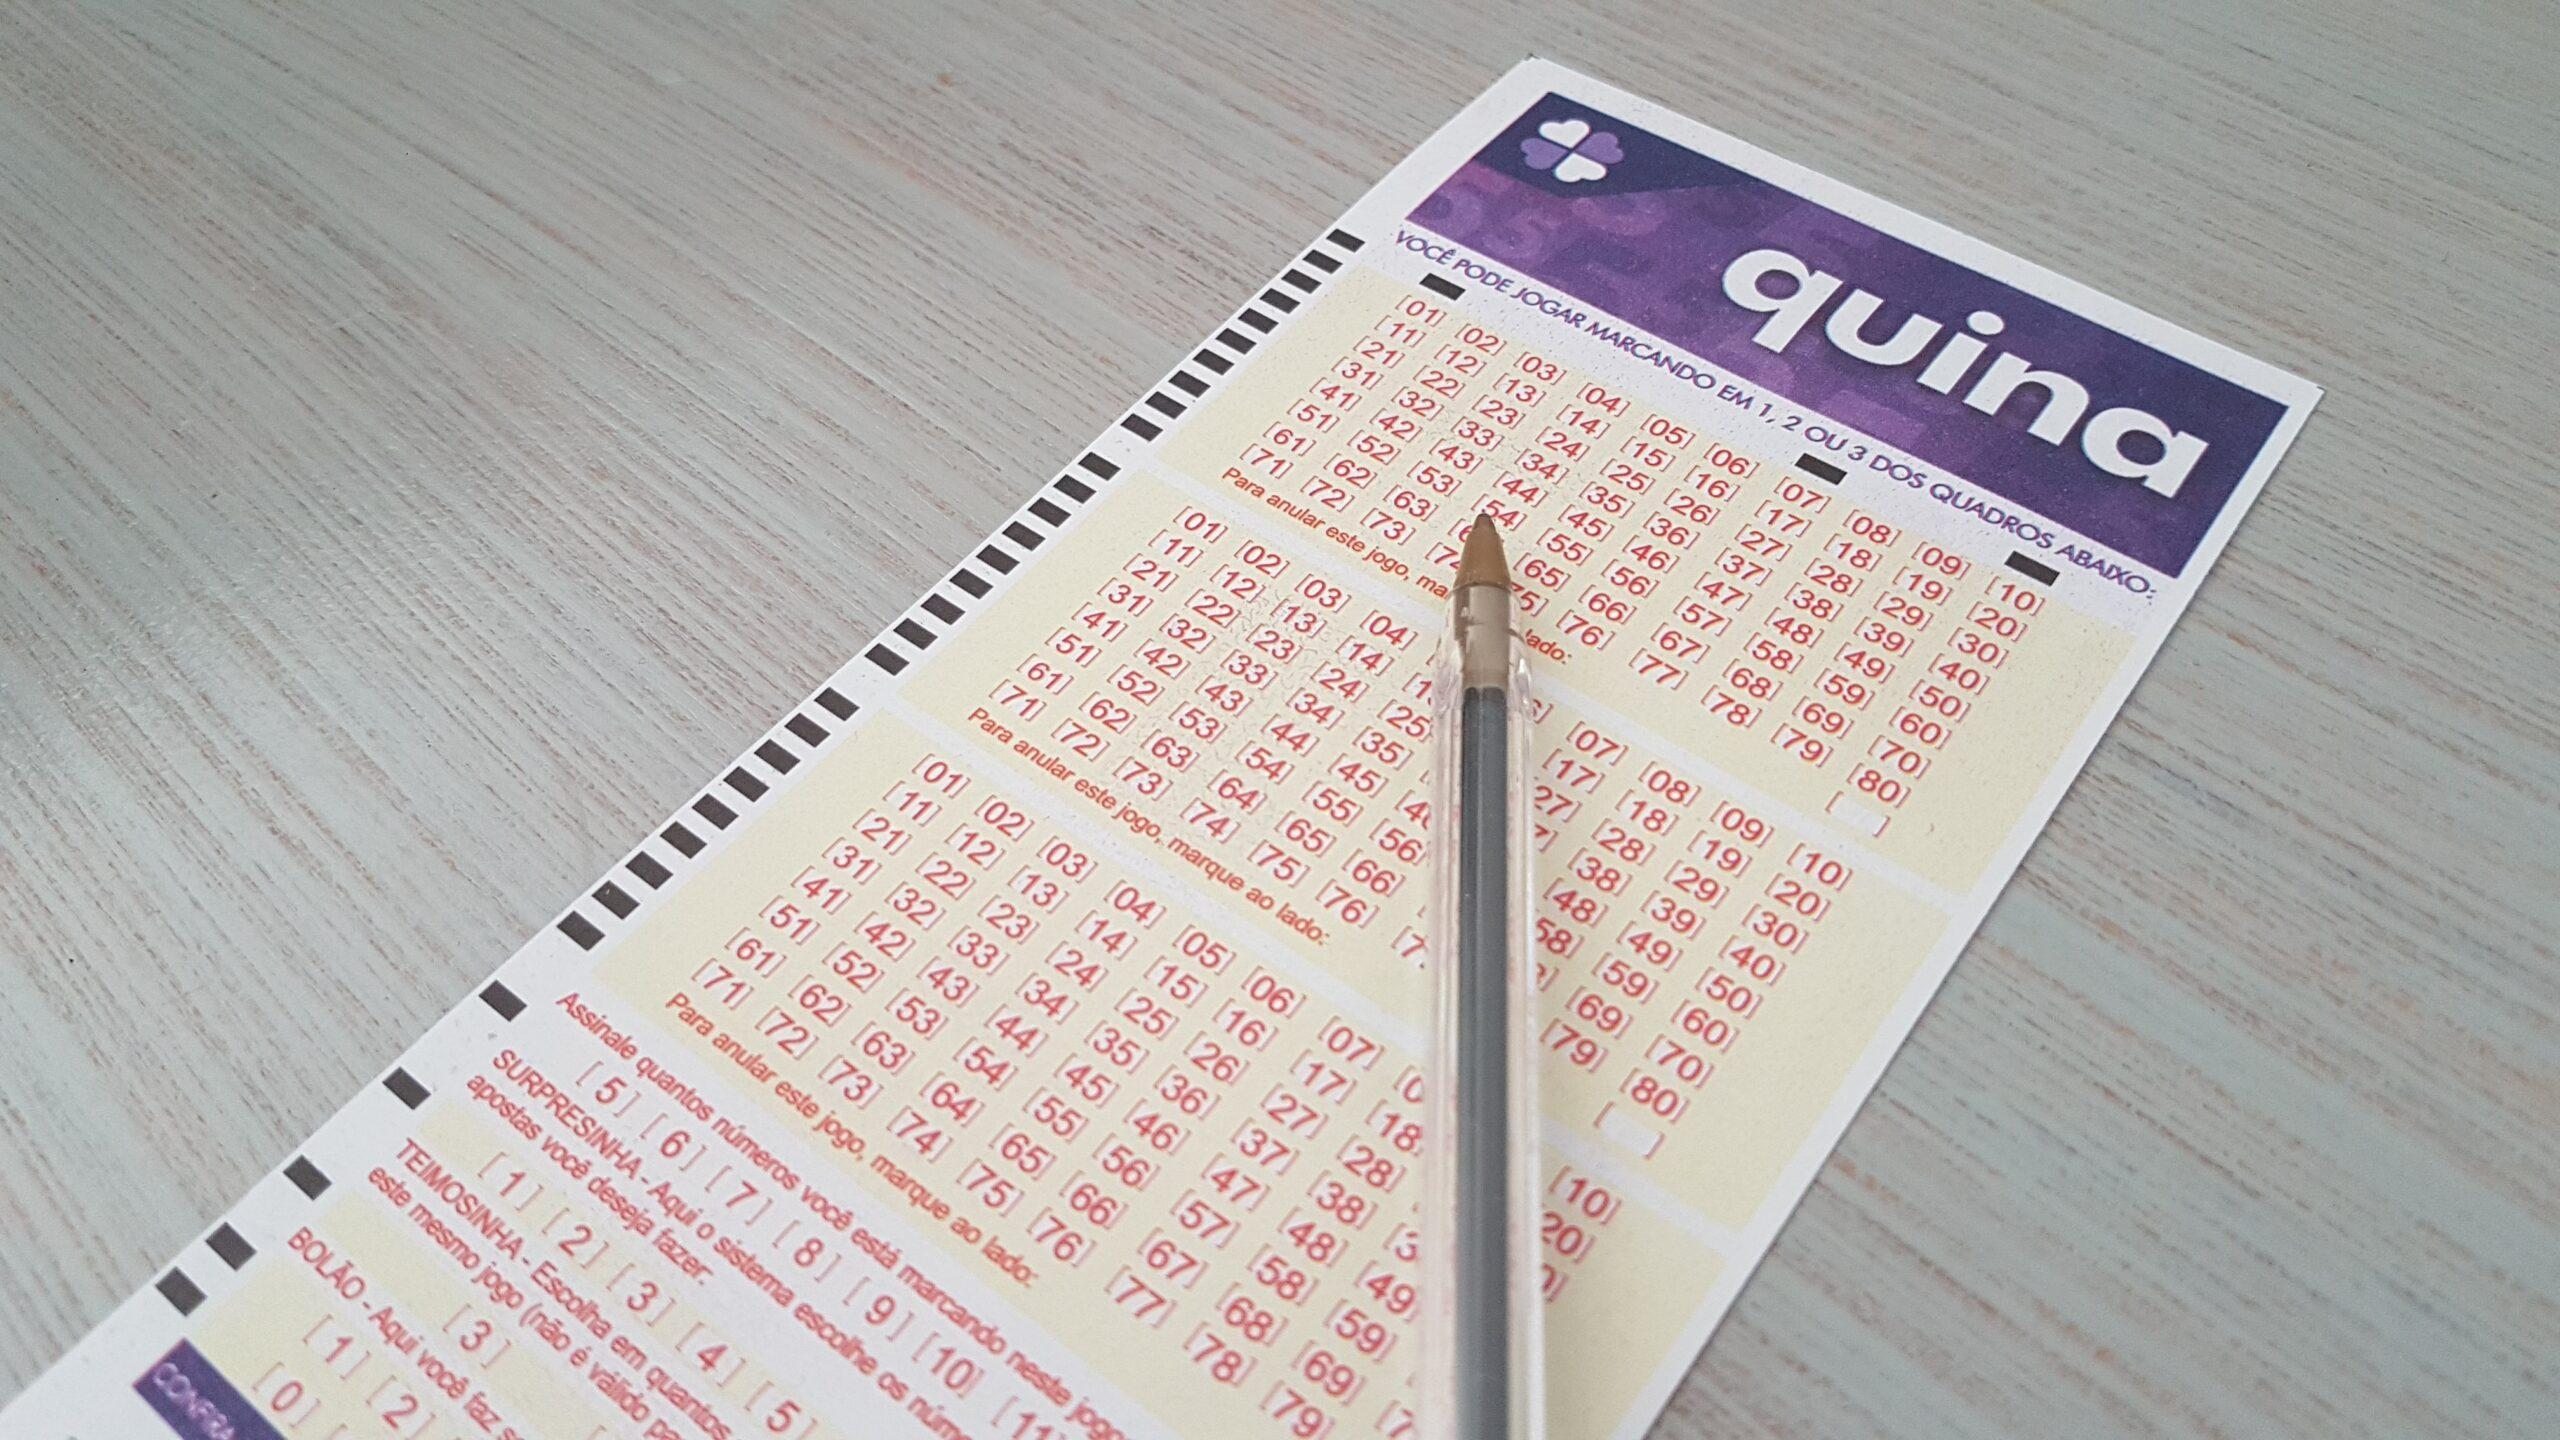 resultado da quina 5452 - A imagem mostra uma caneta em cima de um volante da Quina